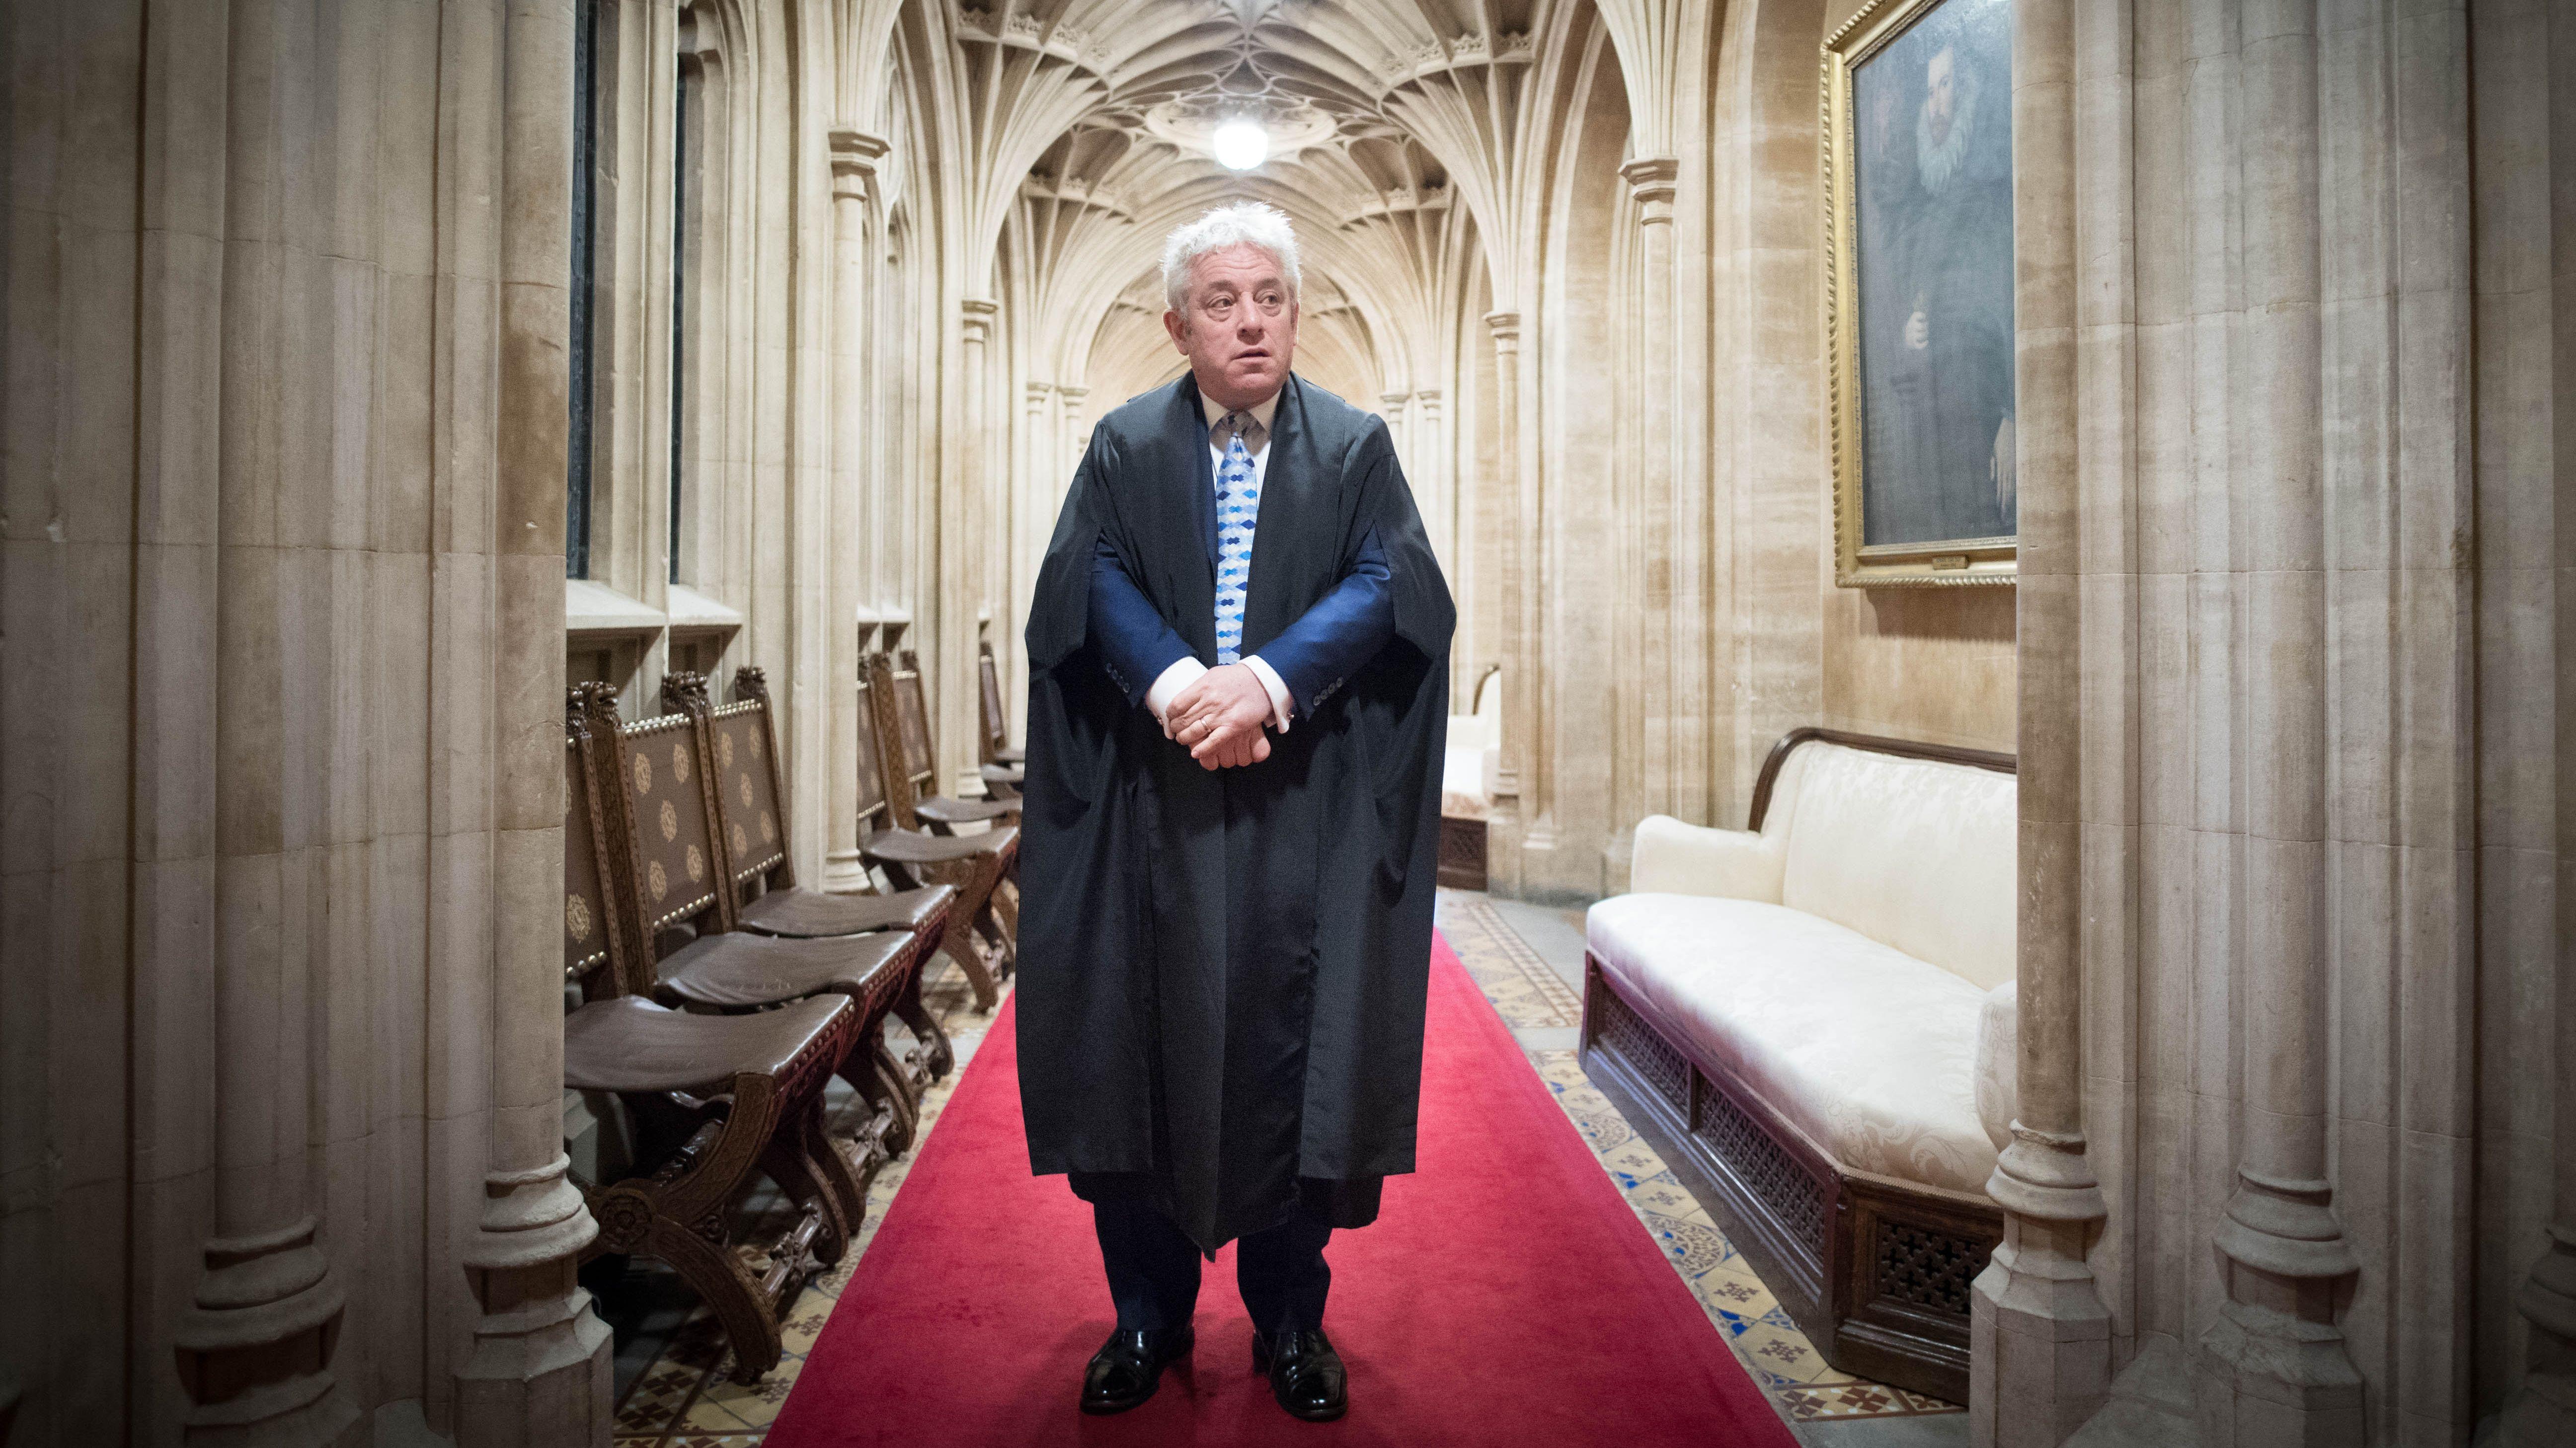 John Bercow, britischer Parlamentspräsident